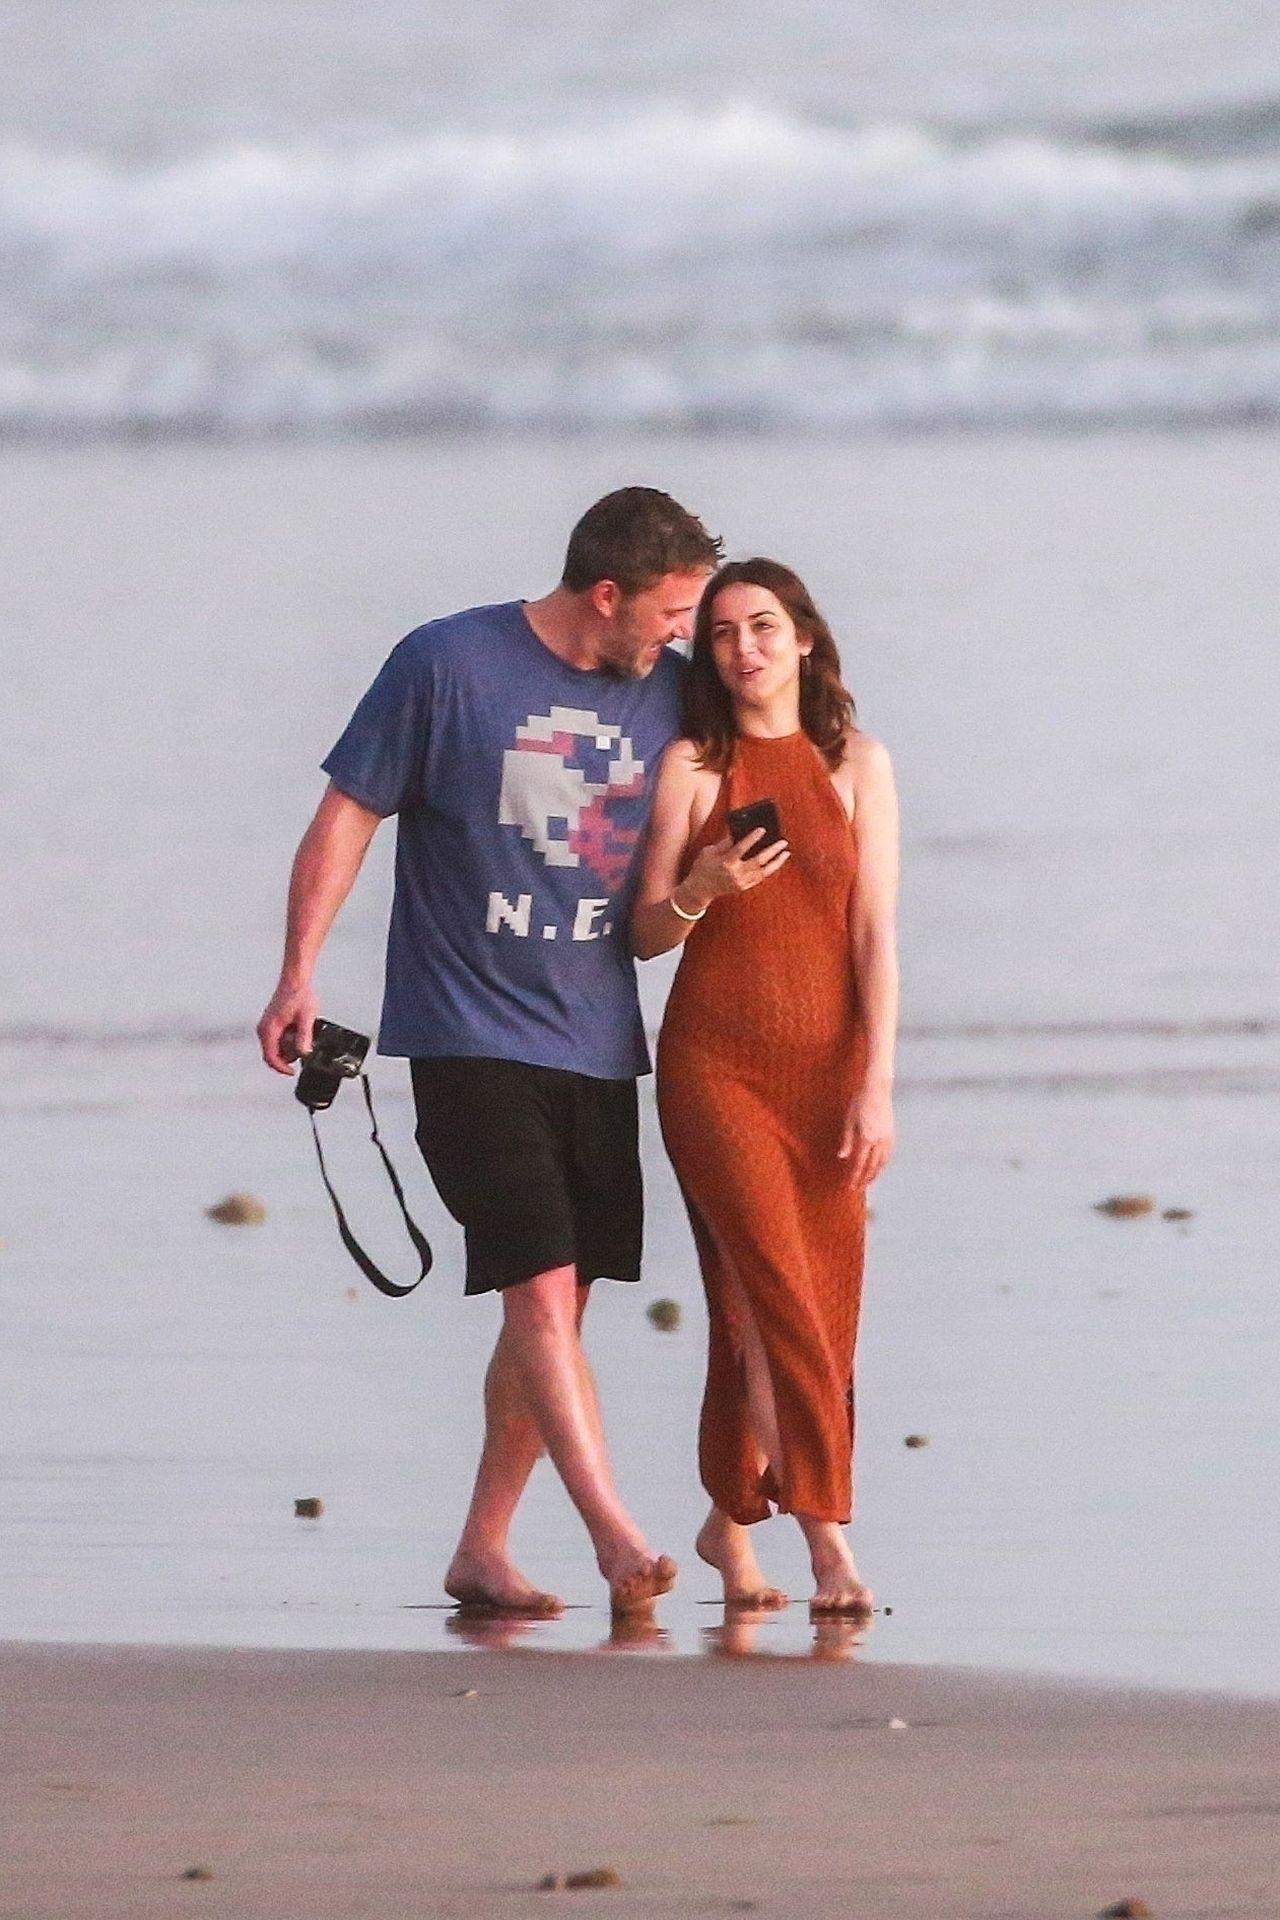 Ben Affleck & Ana De Armas Enjoy A Pda Moment During Romantic Beach Stroll In Costa Rica 0027